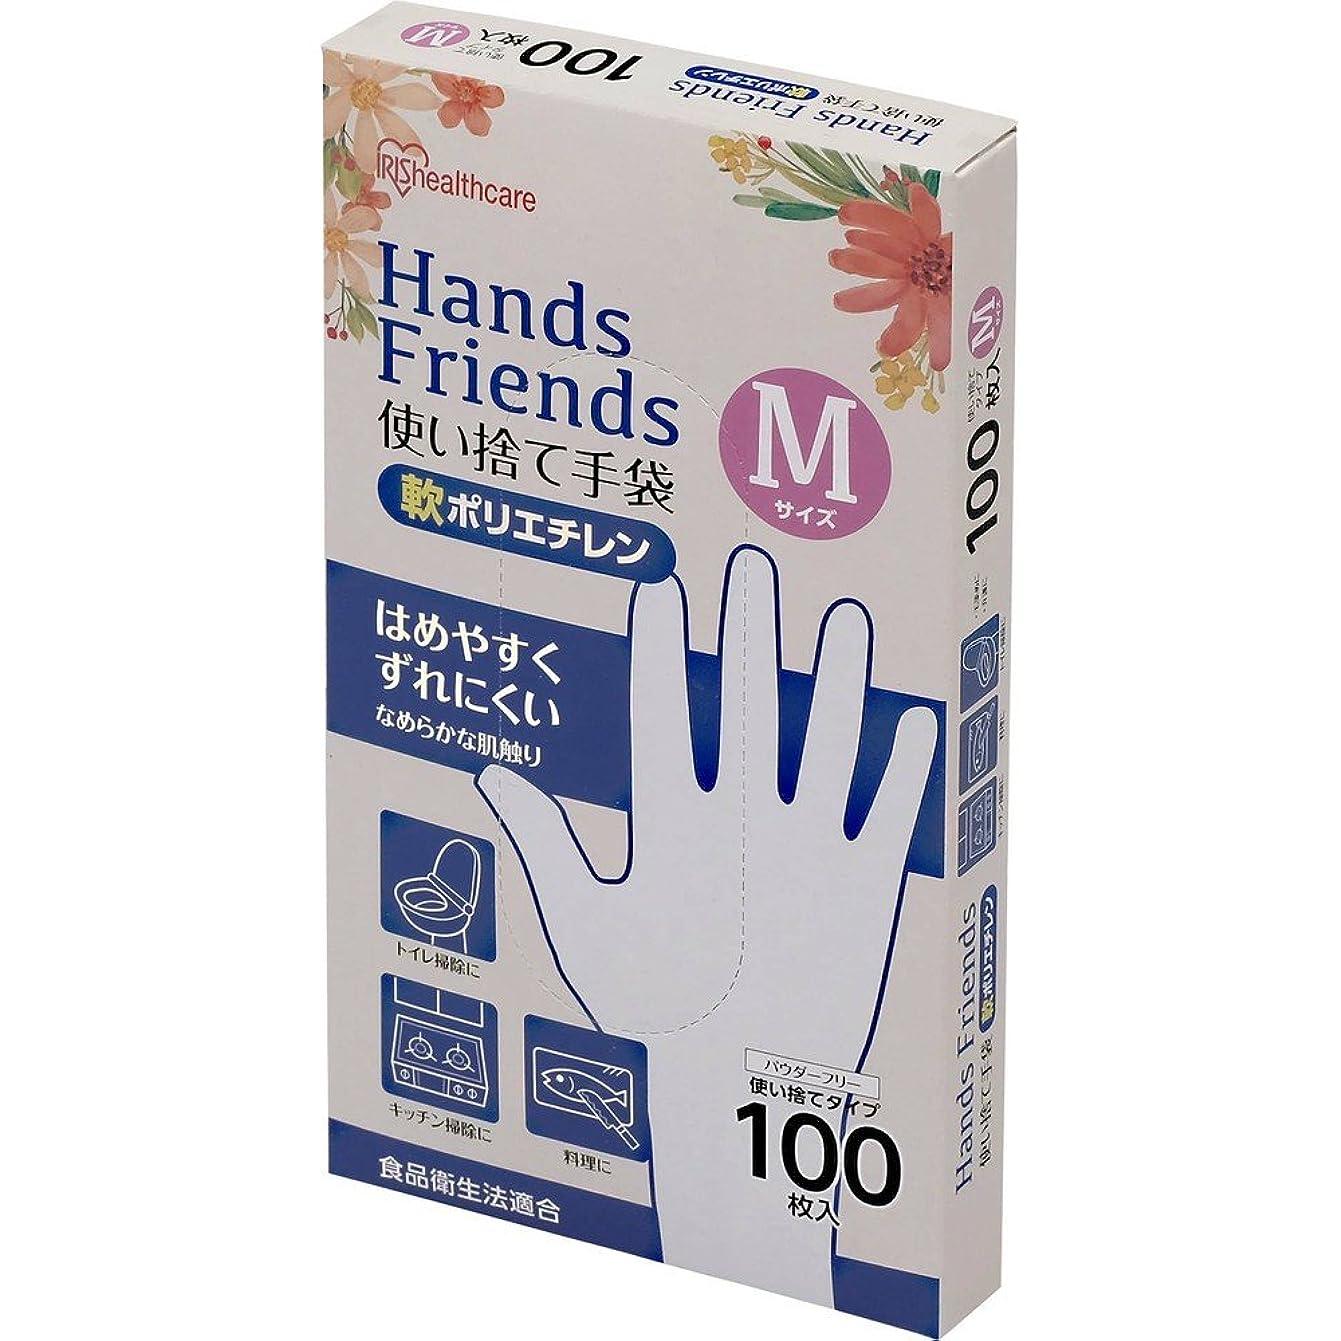 大学院鳥フック使い捨て手袋 軟ポリエチレン手袋 Mサイズ 粉なし パウダーフリー クリア 100枚入